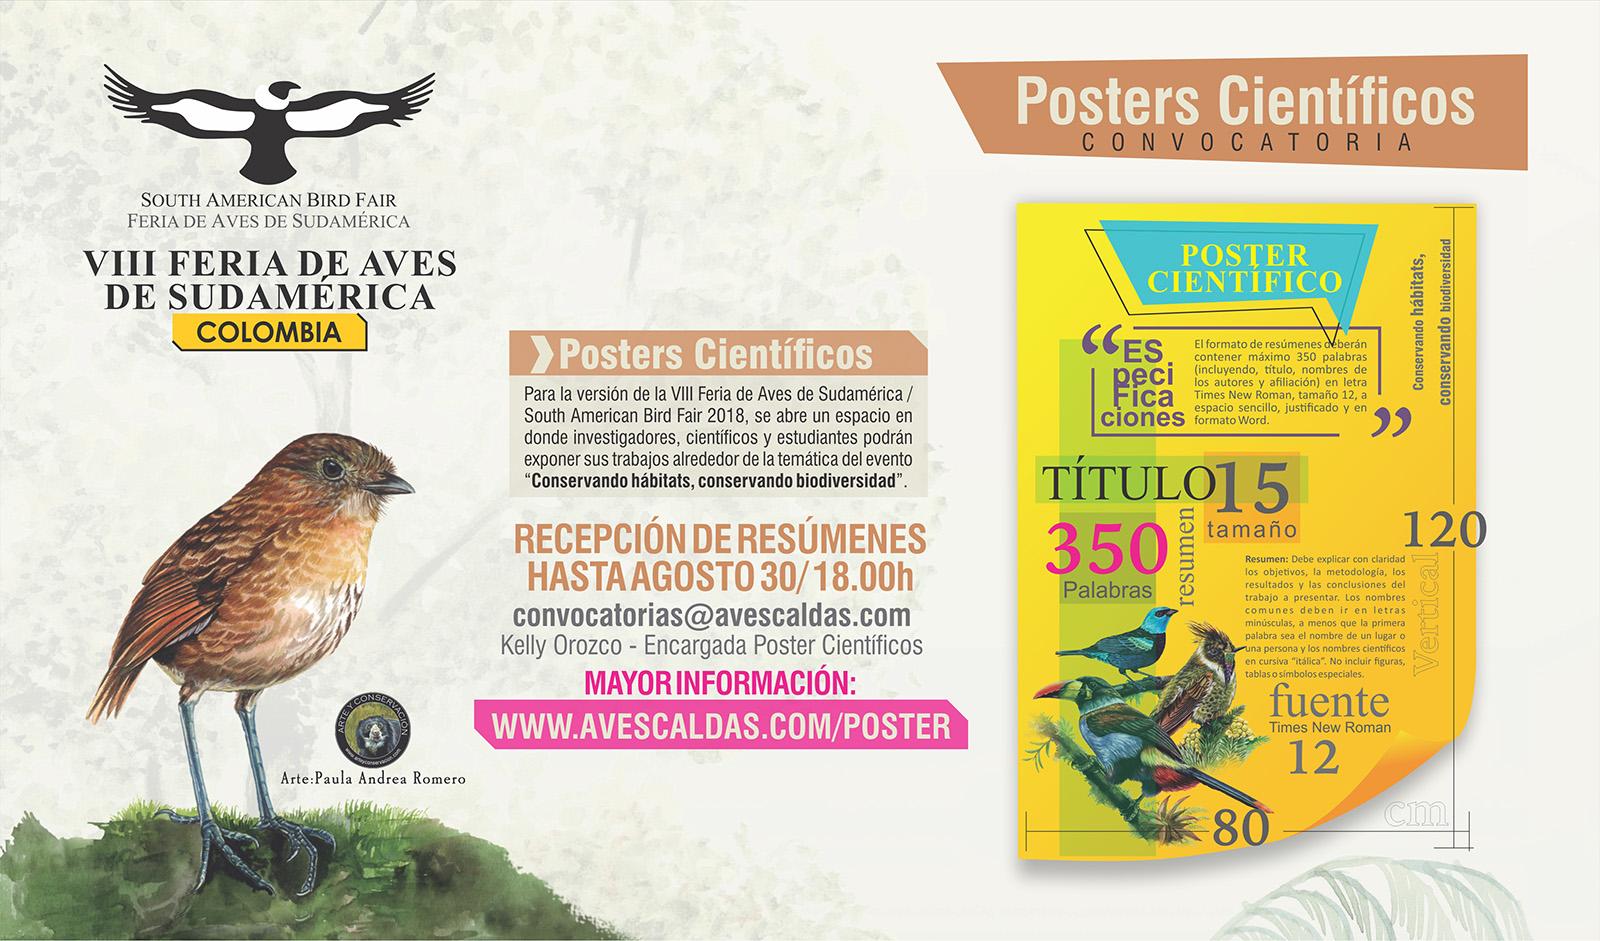 Participa con tu Poster Científico – Conservando Hábitats, Conservando Biodiversidad